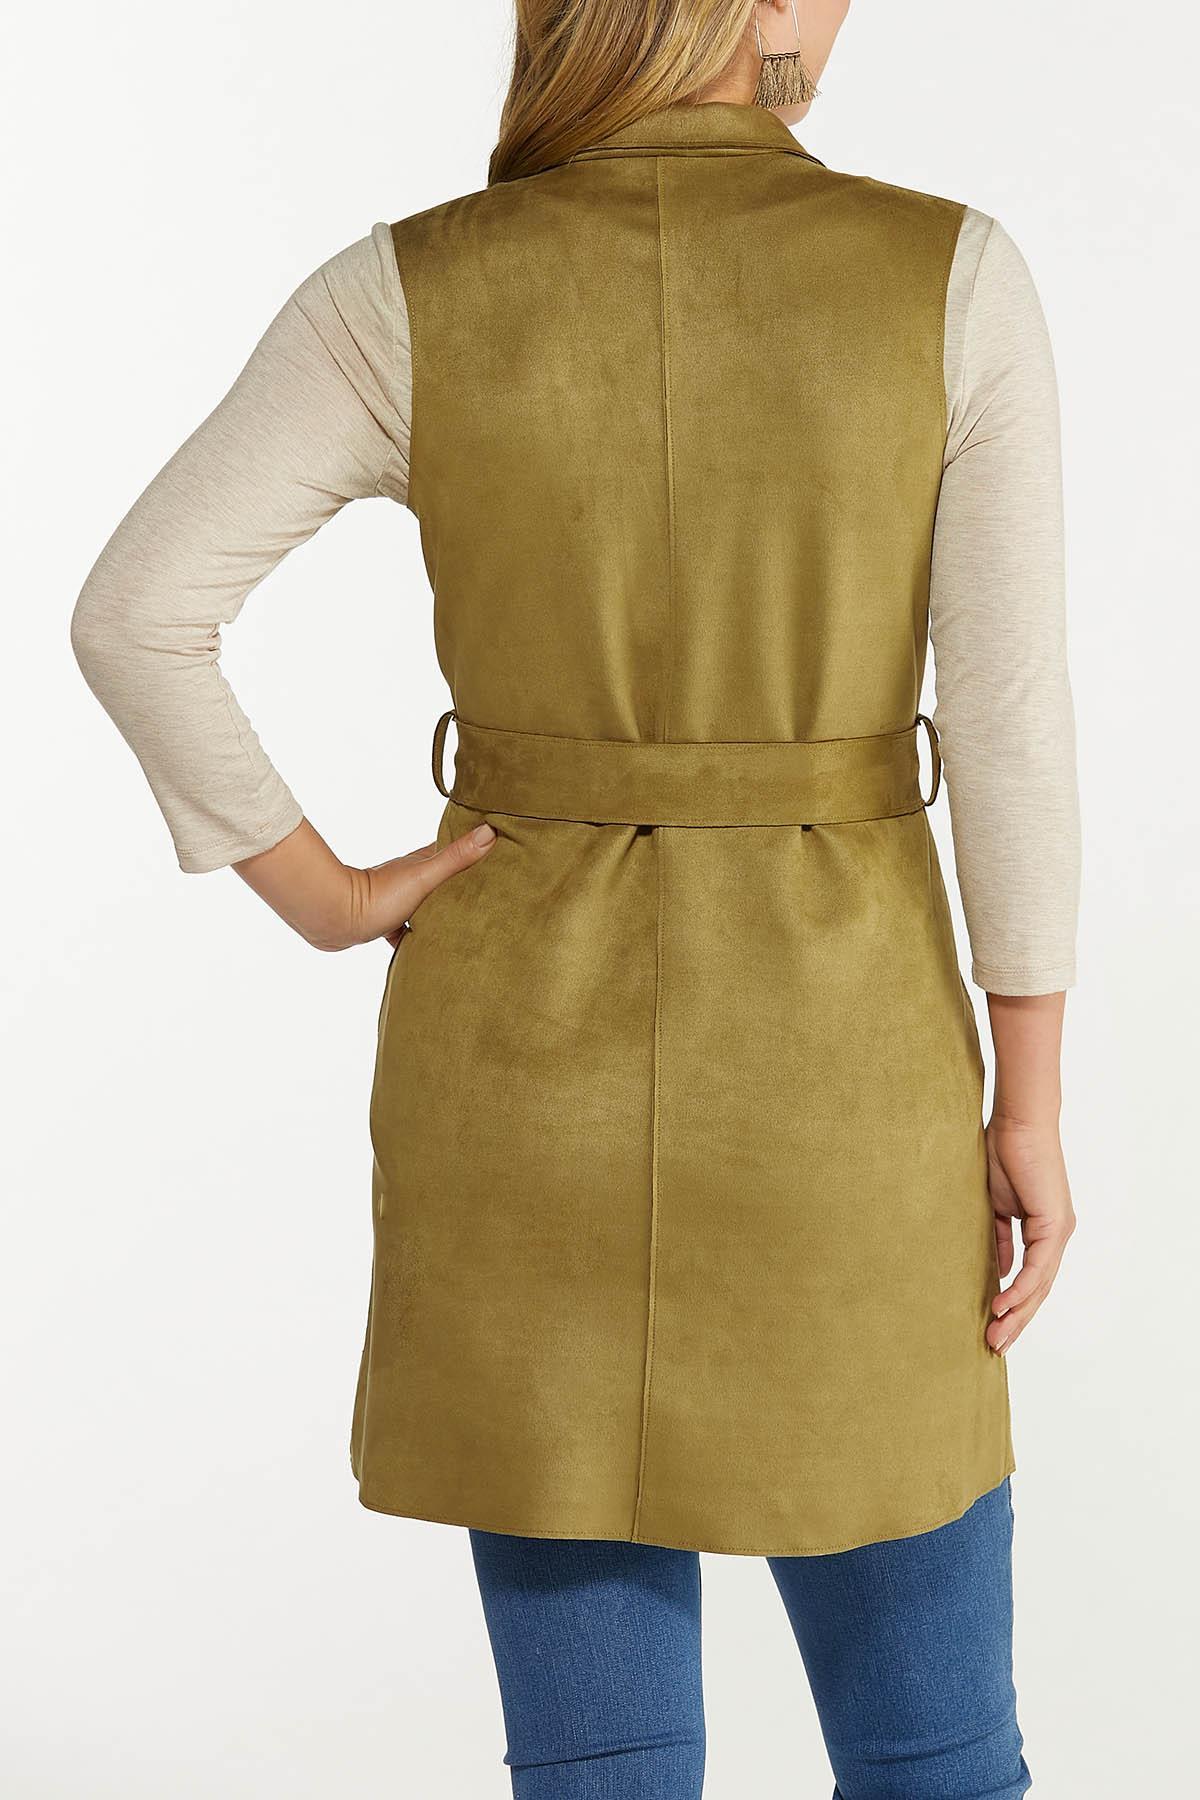 Plus Size Faux Suede Vest (Item #44650888)